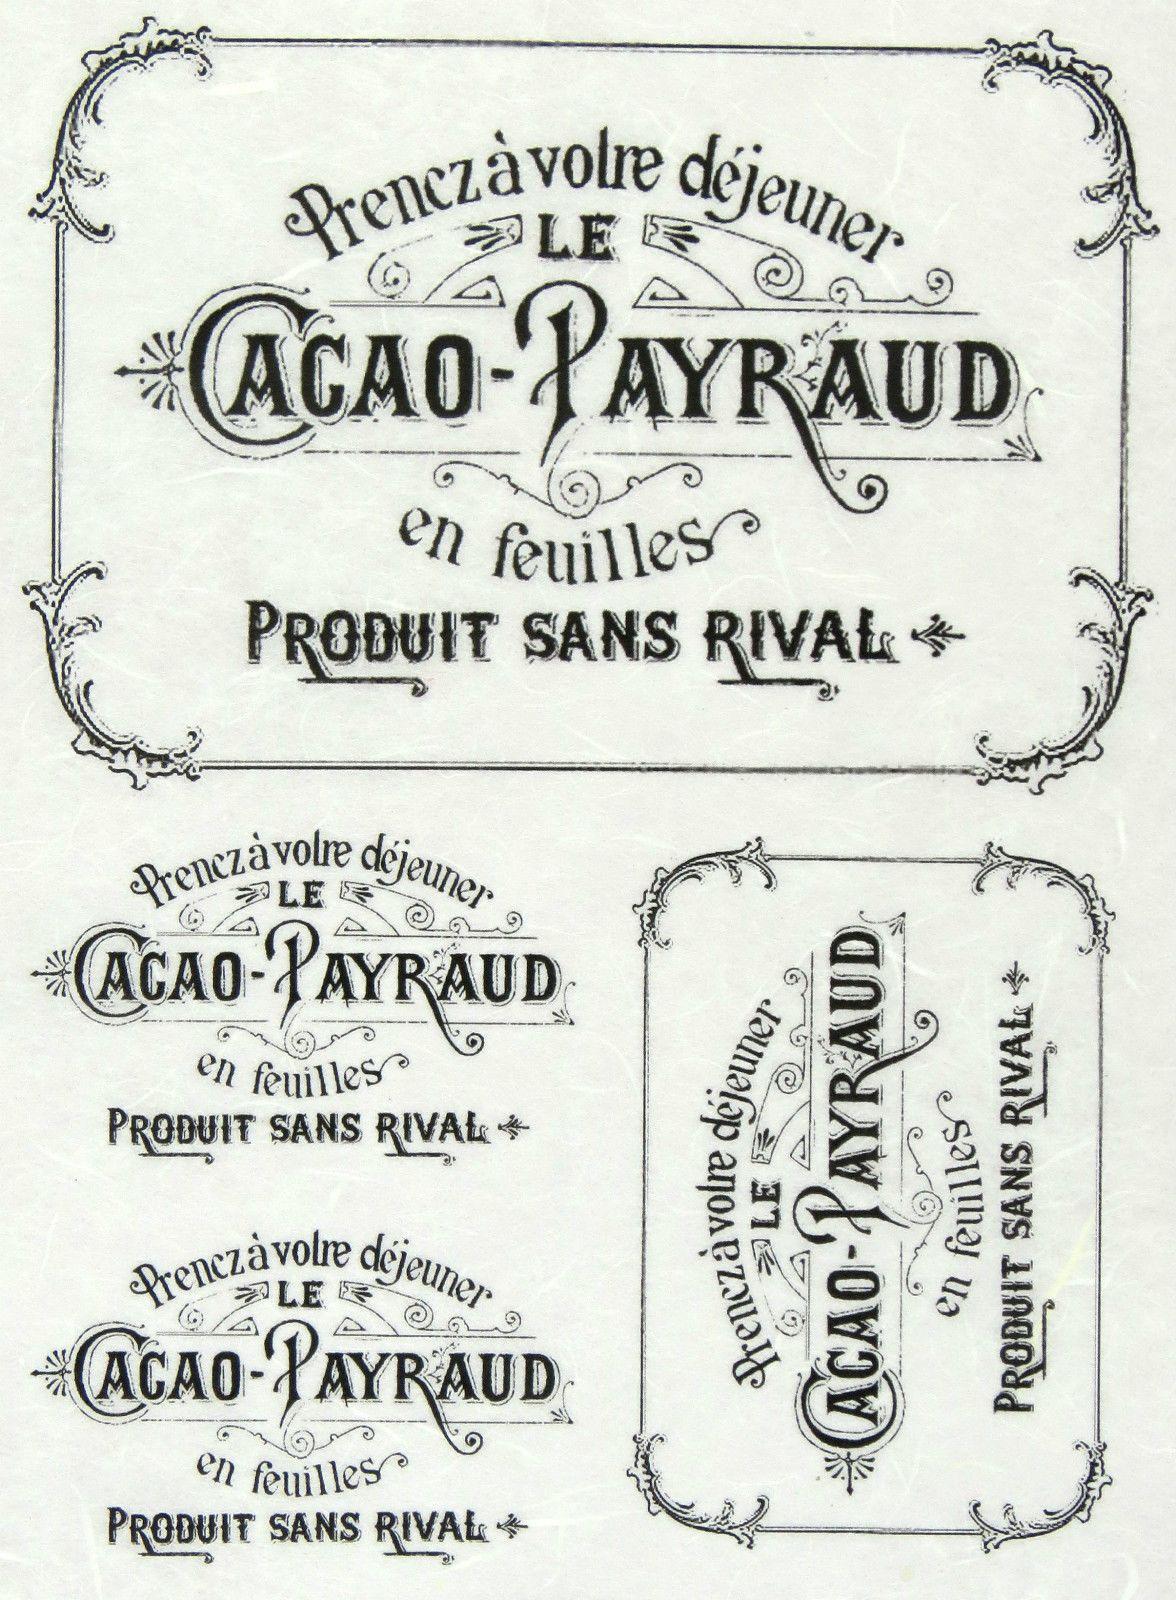 Rice Paper for Decoupage, Scrapbook Sheet, Craft Paper Vintage Labels Black | eBay